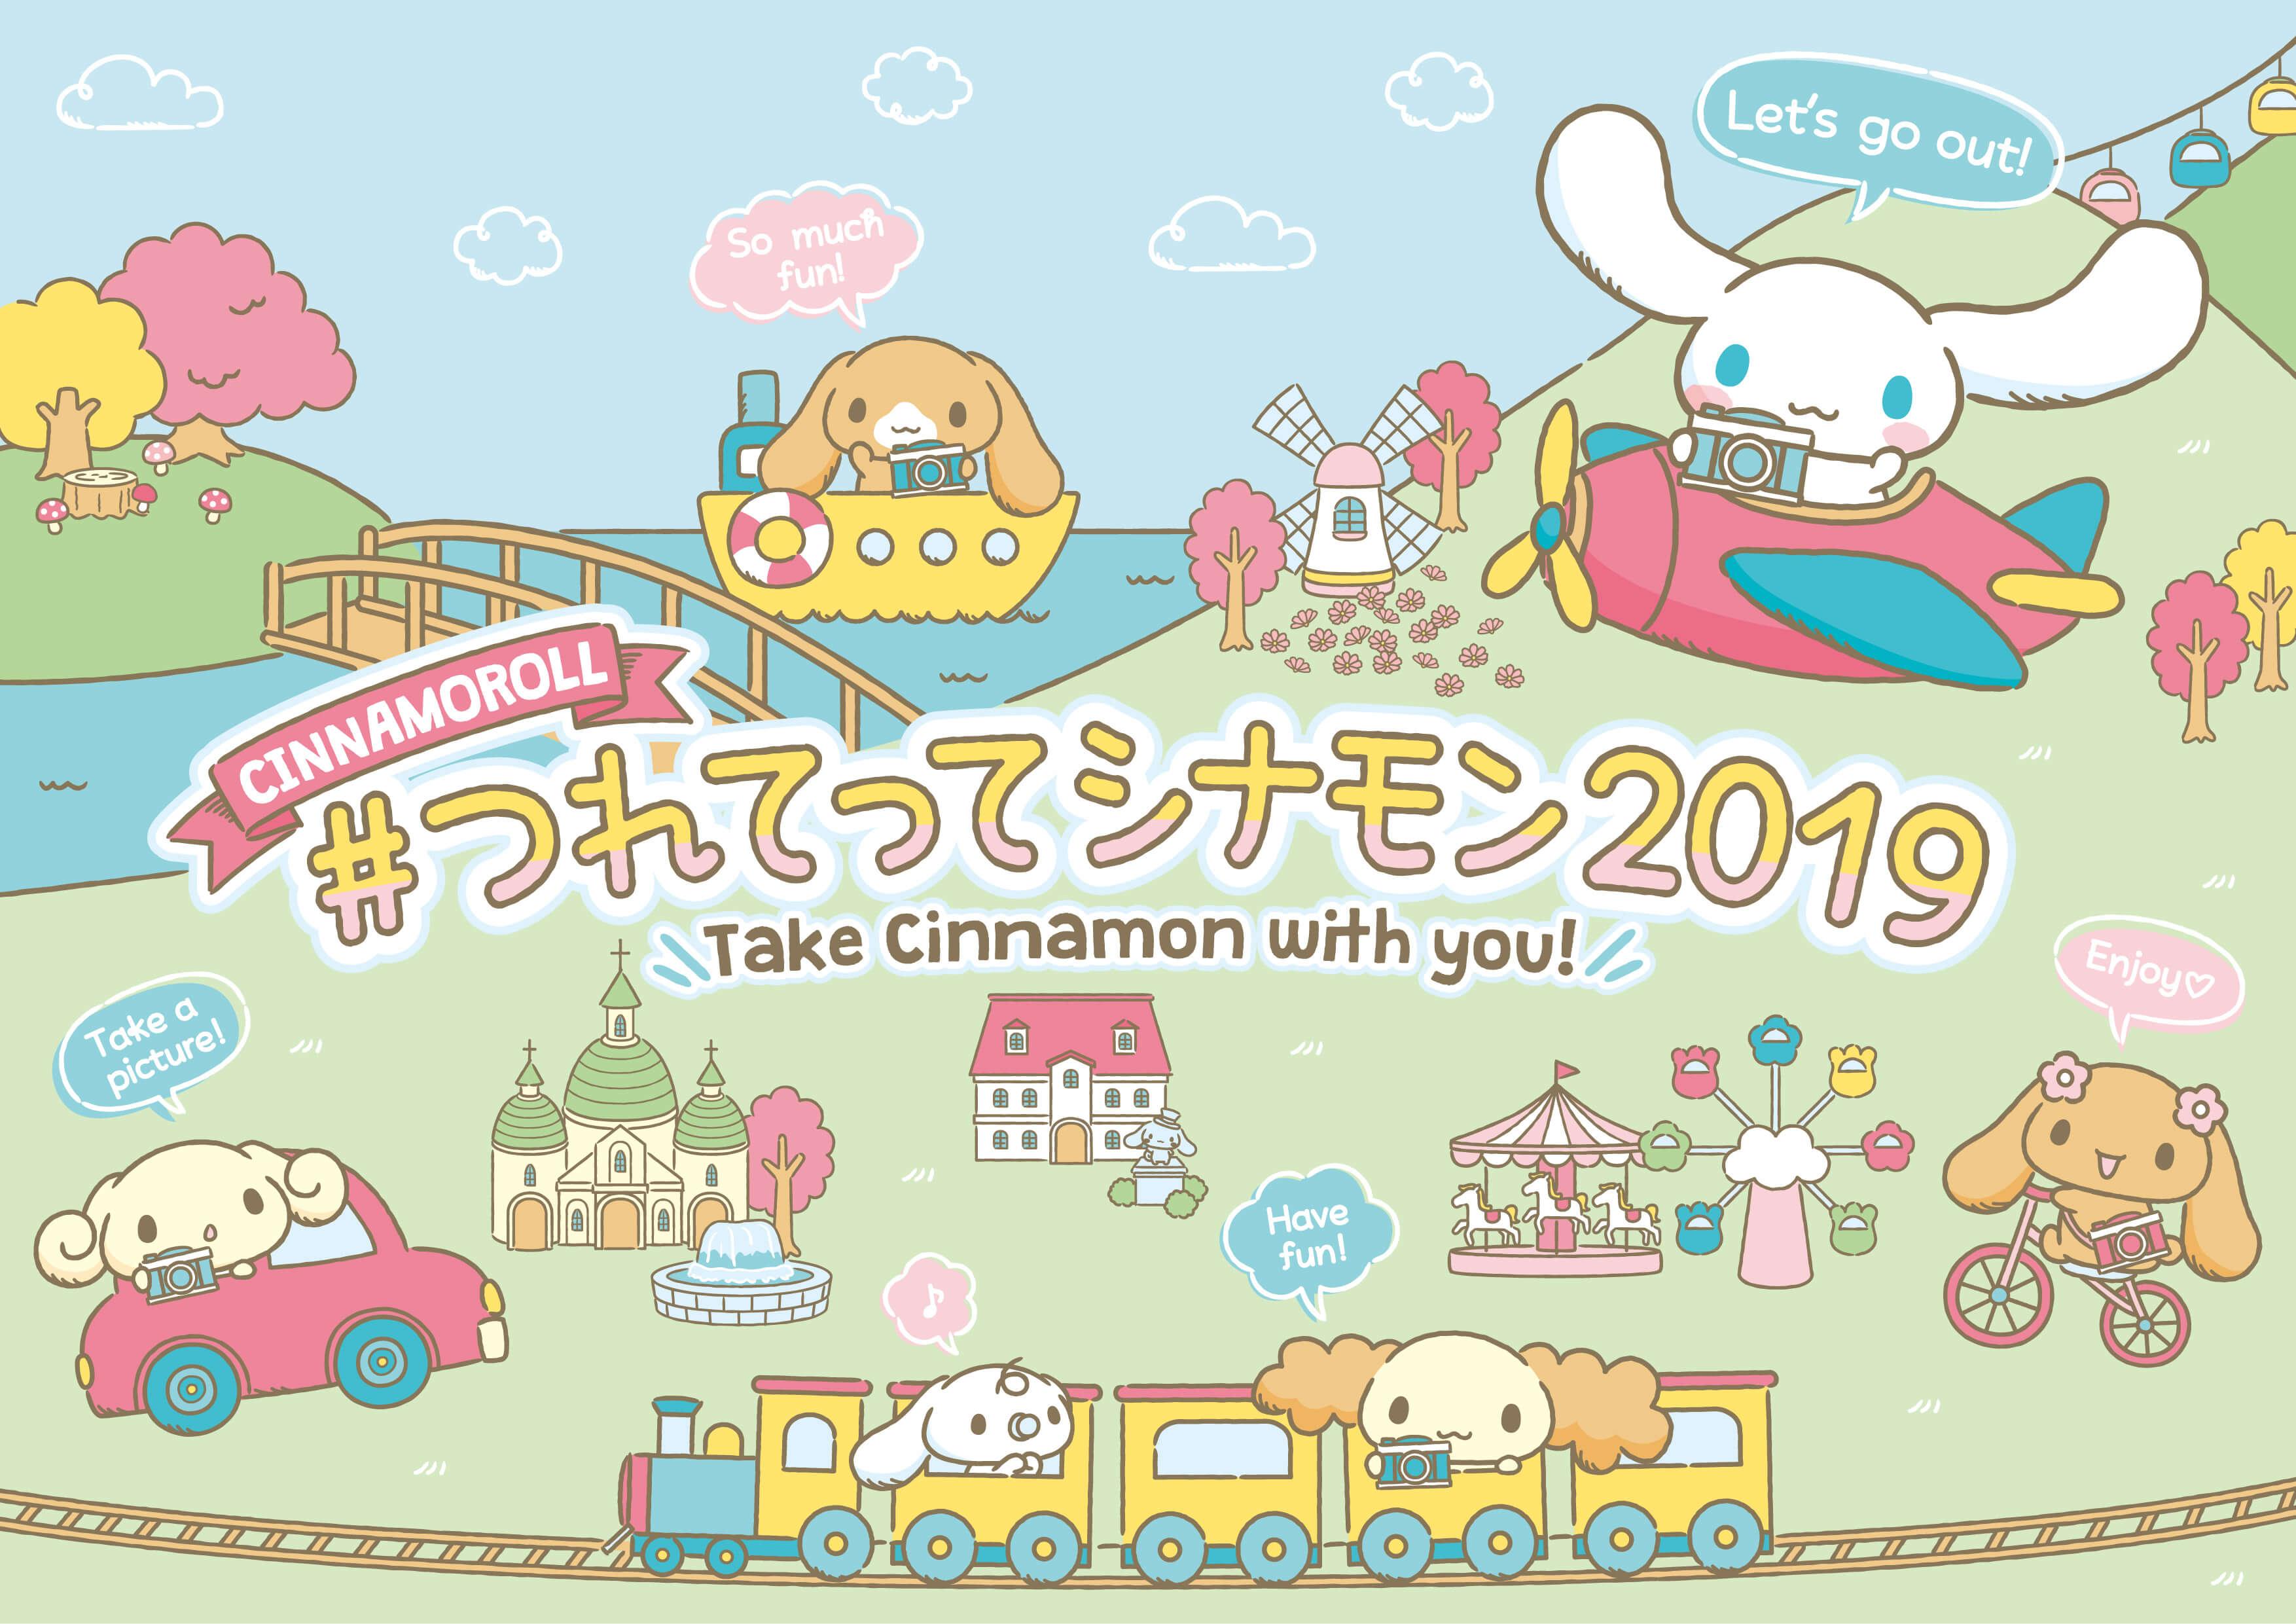 シナモロール Cinnamo Roll _sanrio_CN_main